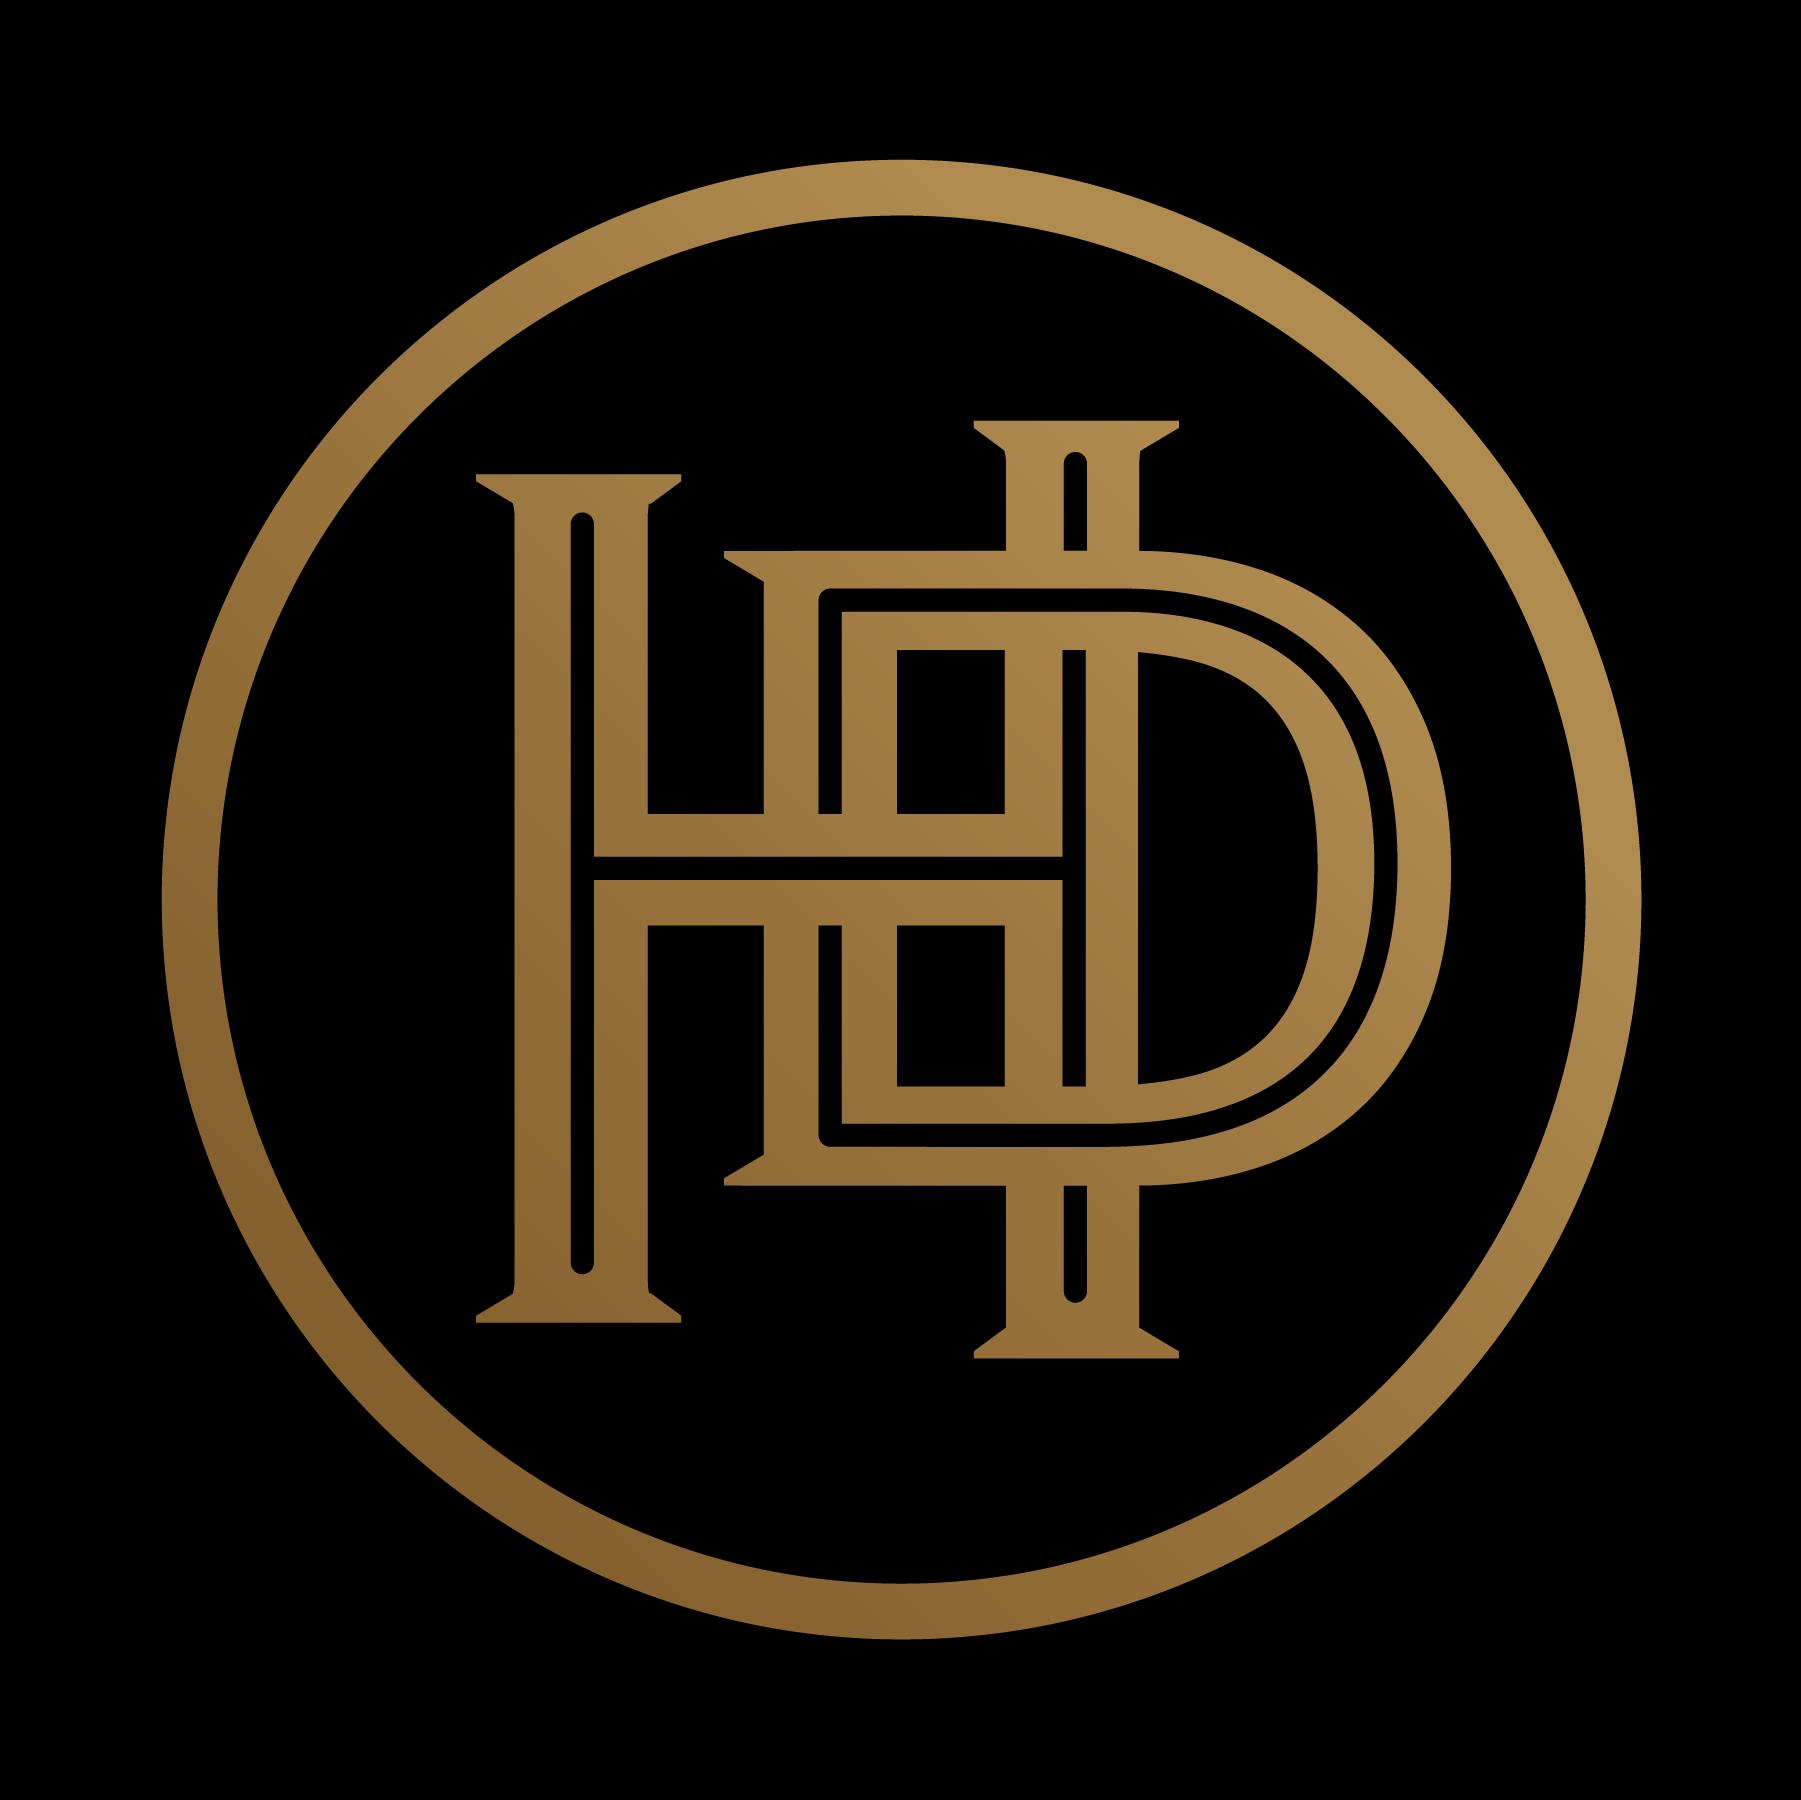 HD_Logo_HD_color.png